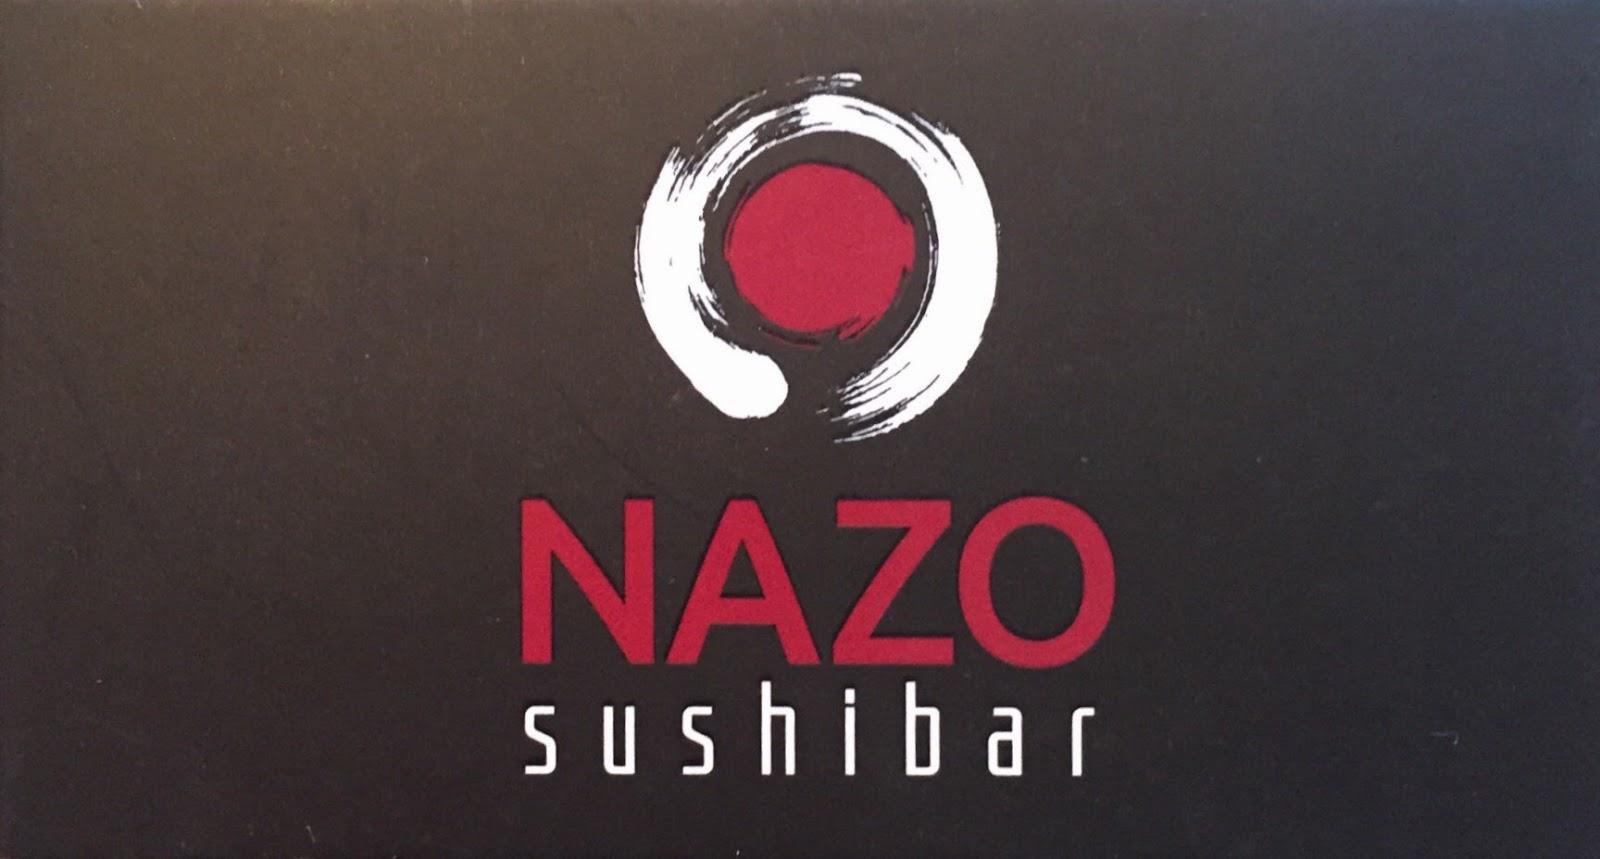 tenho fome de que nazo sushi bar